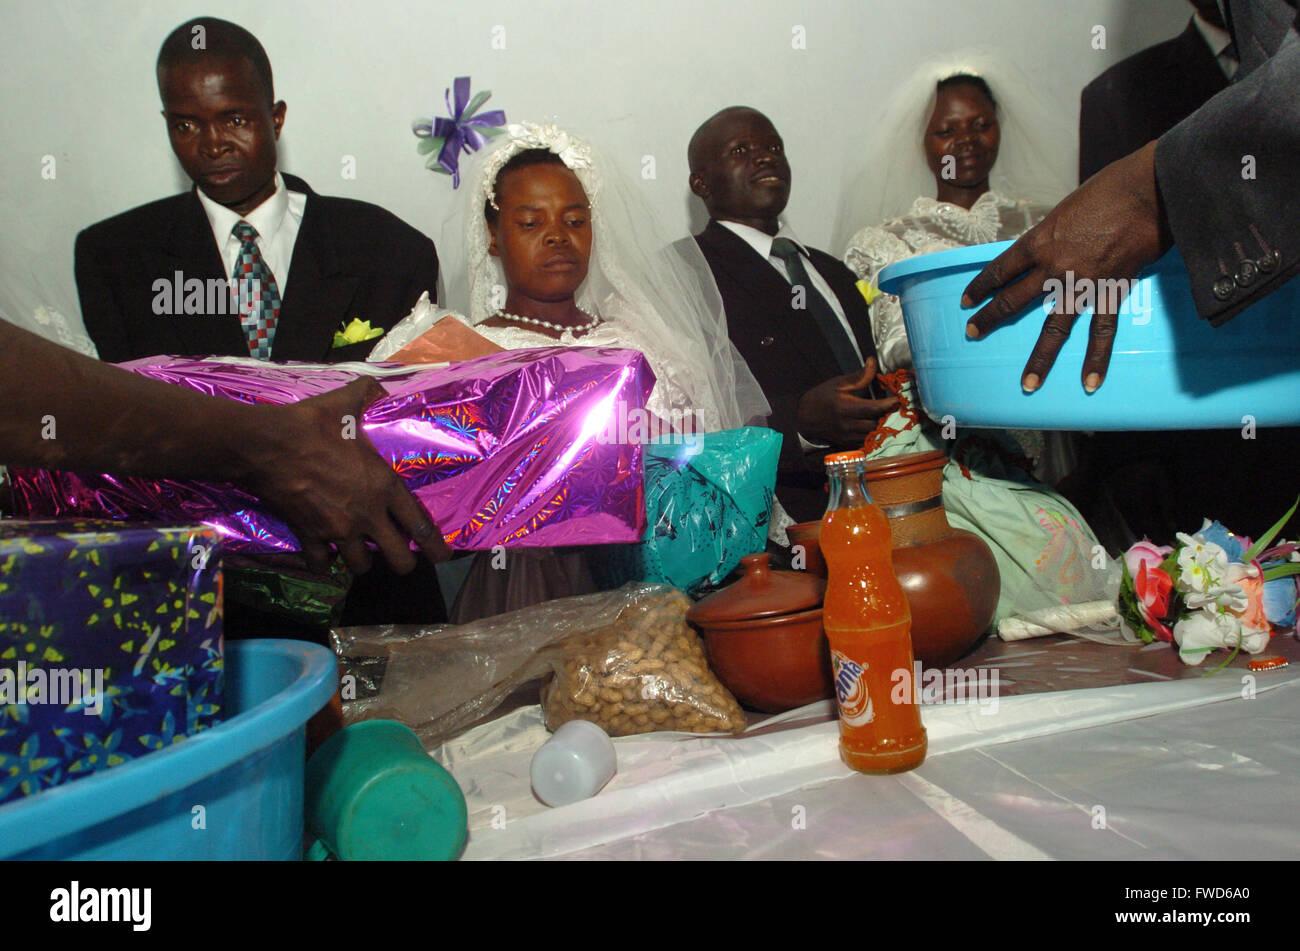 Lacekocot Pader En Ouganda Famille Et Amis Se Réunissent